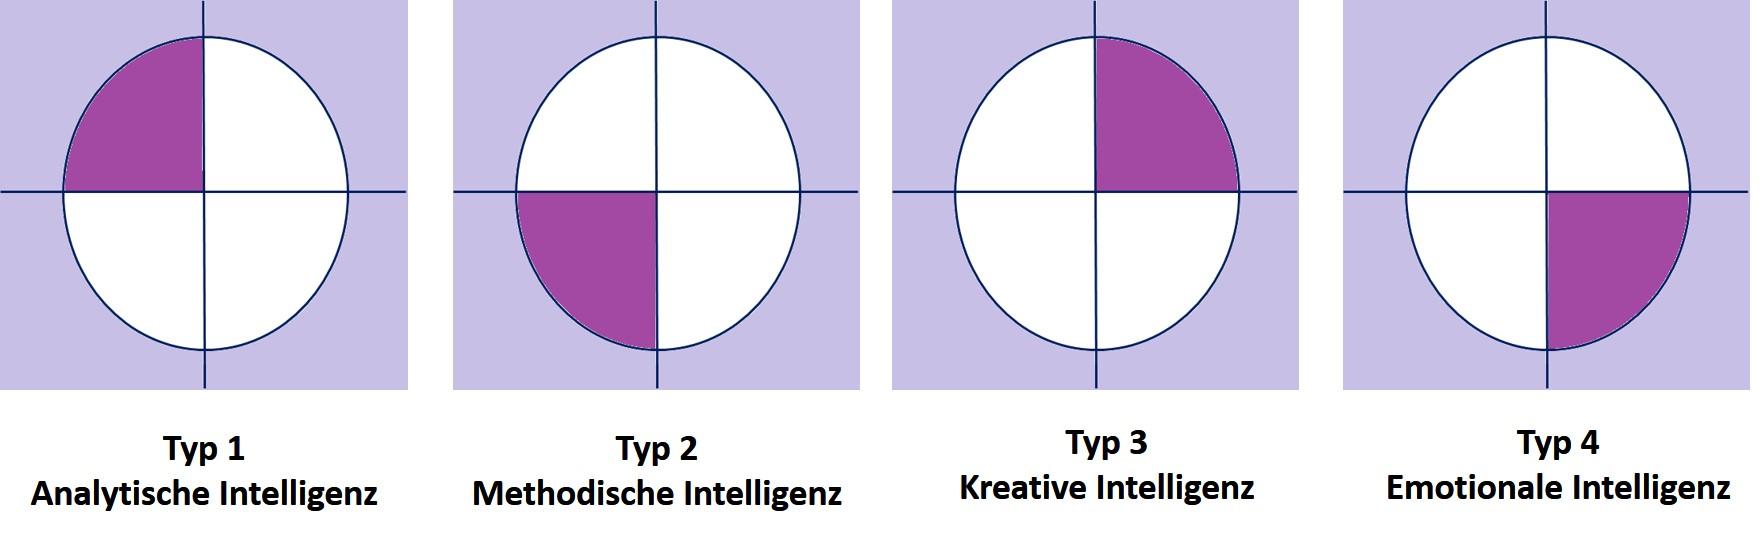 Die 4 Typen der Intelligenz